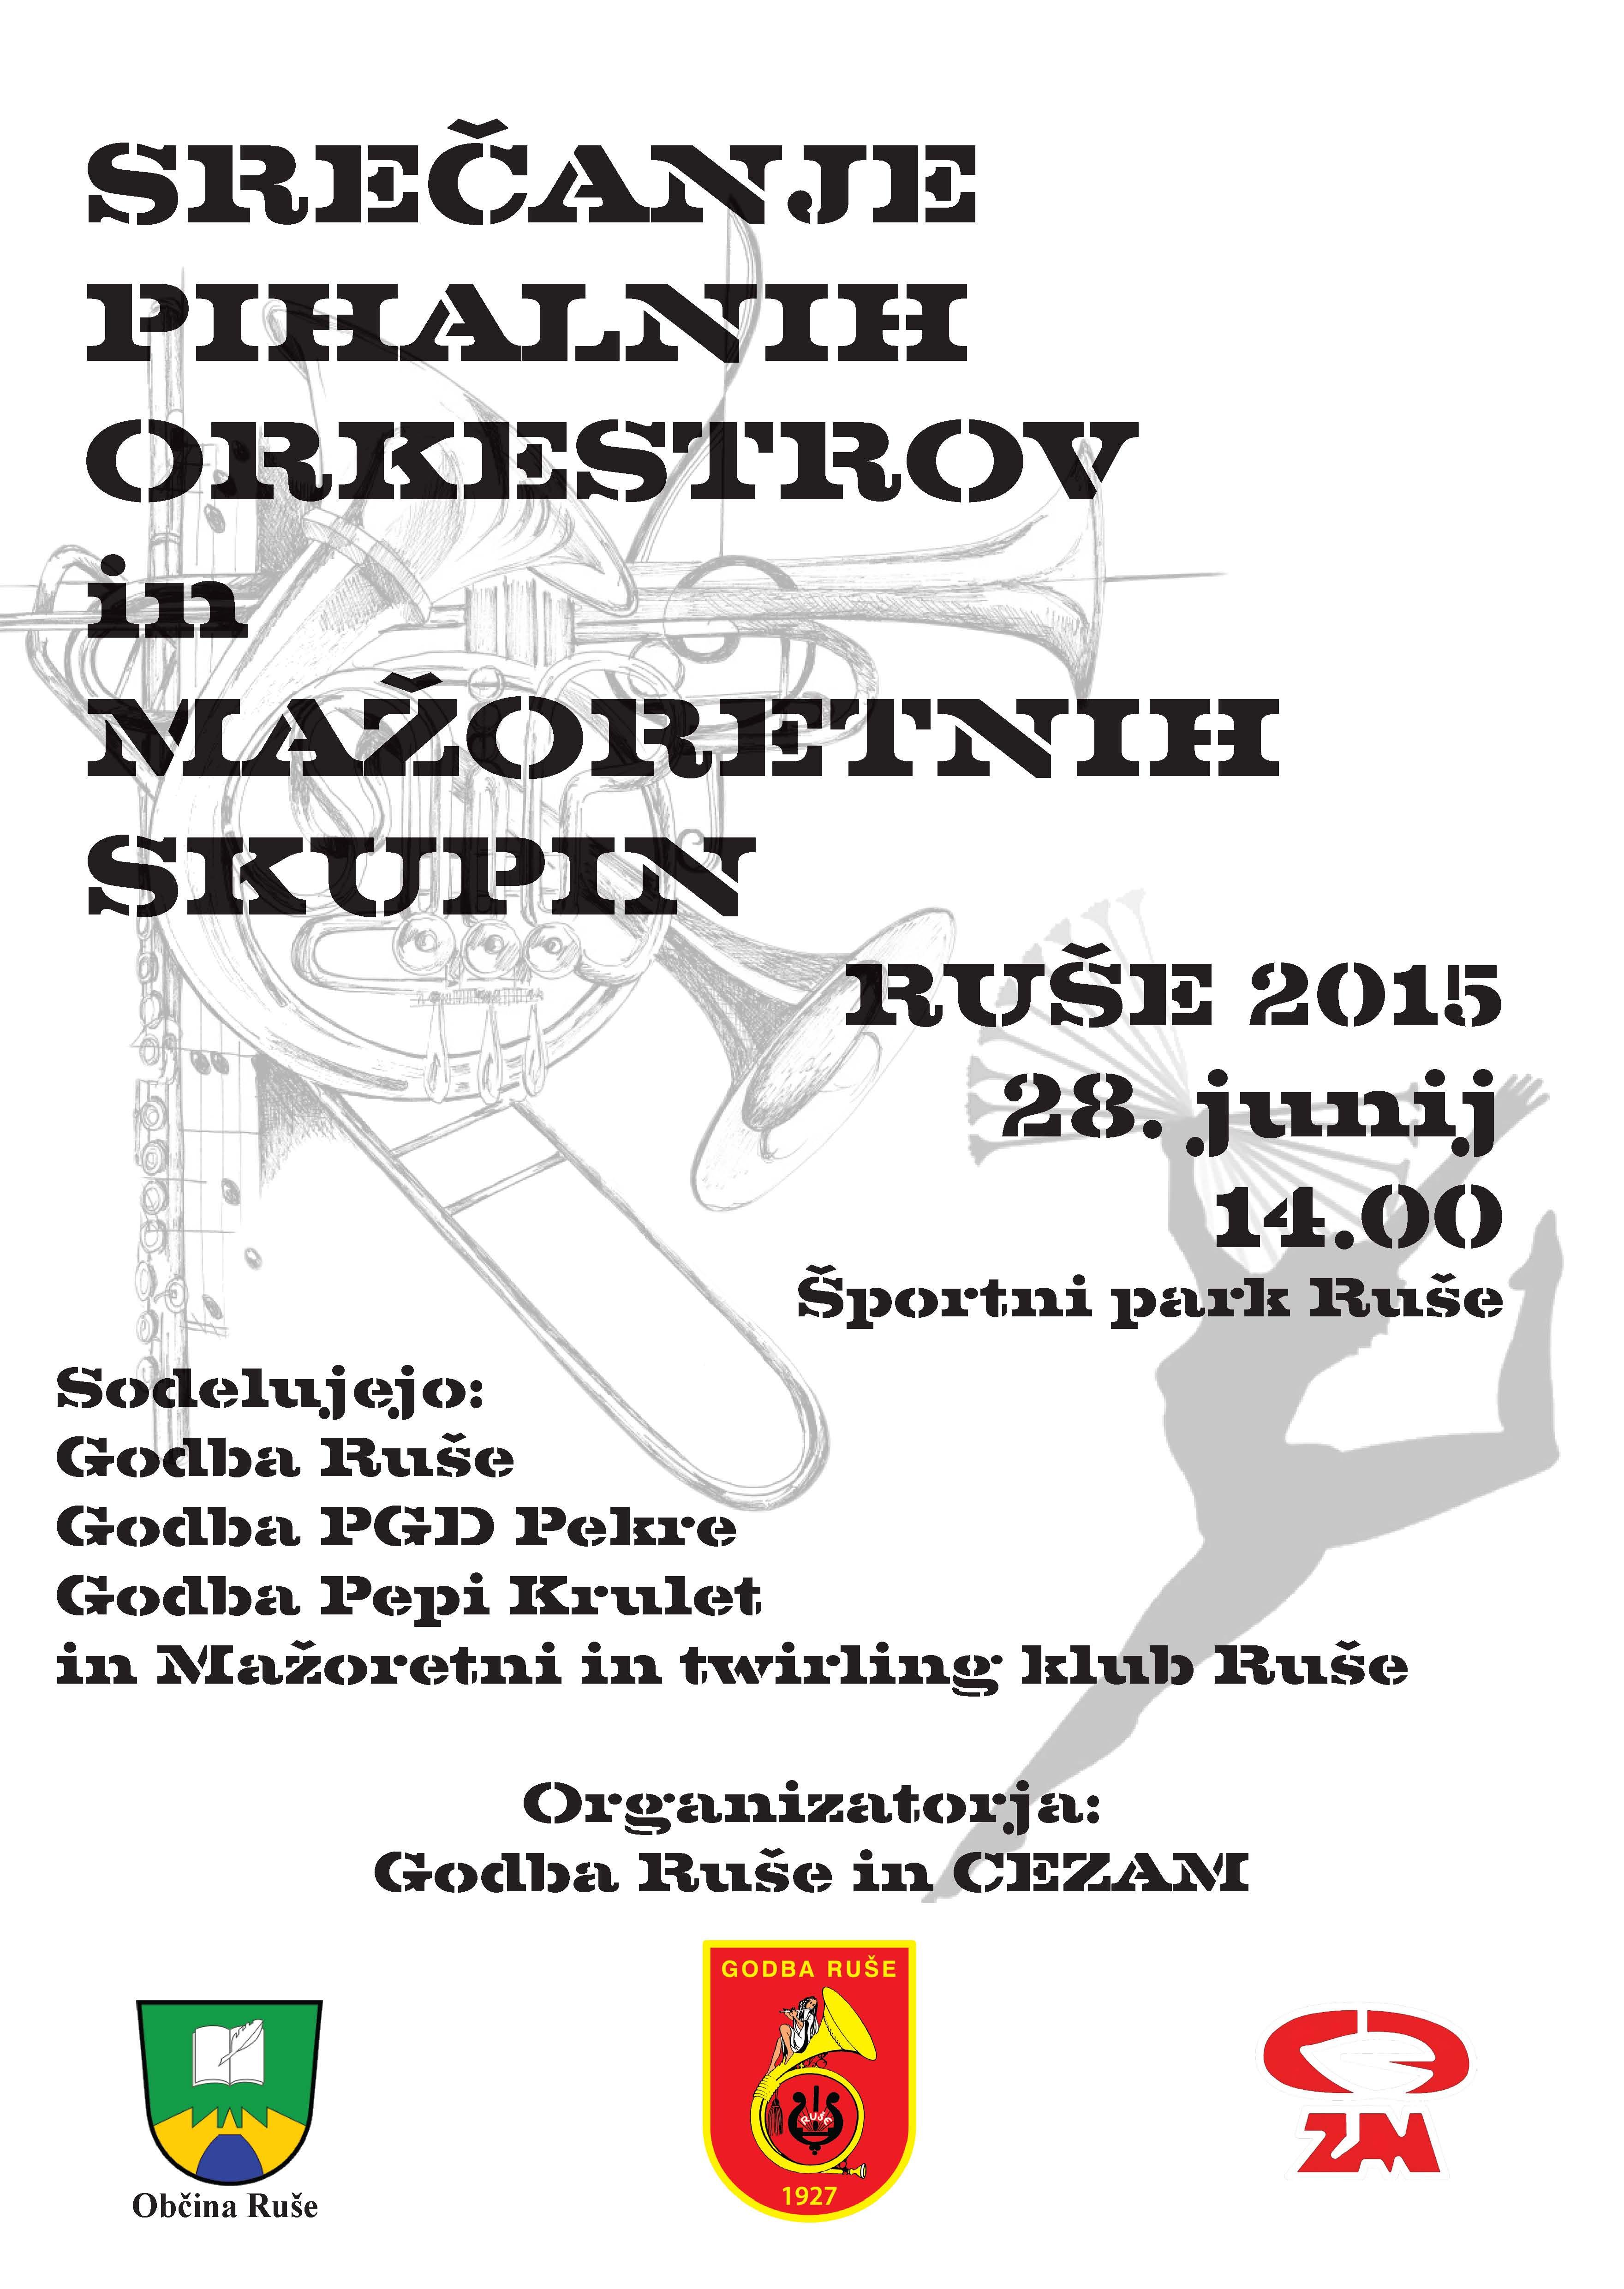 plakat srecanje godb ruse 2015